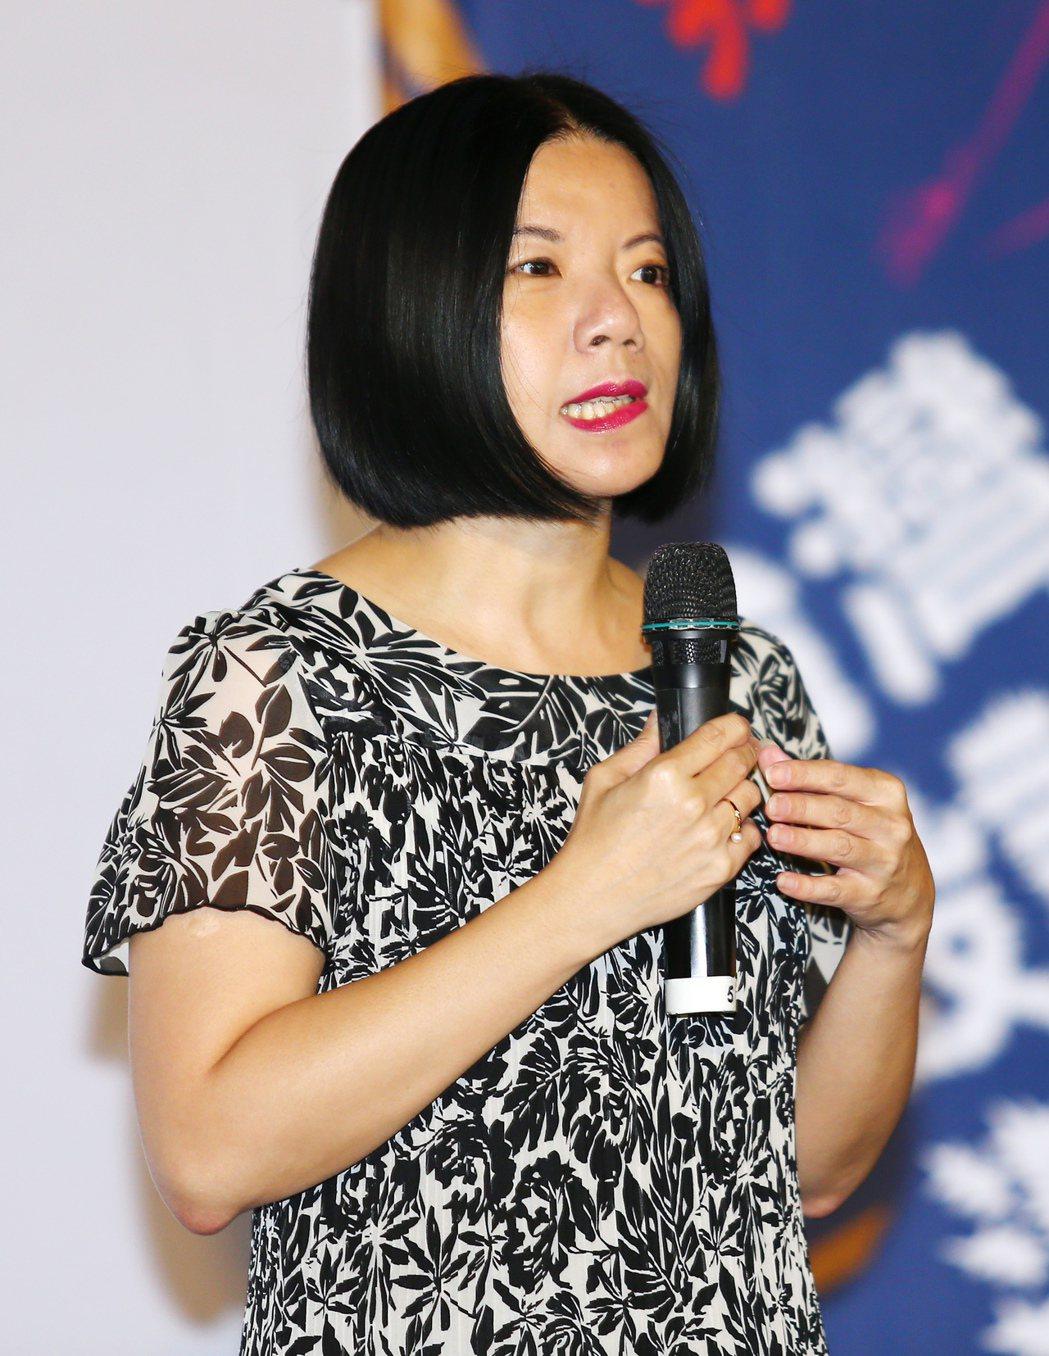 台北市文化局長謝佩霓。 圖/聯合報系資料照片